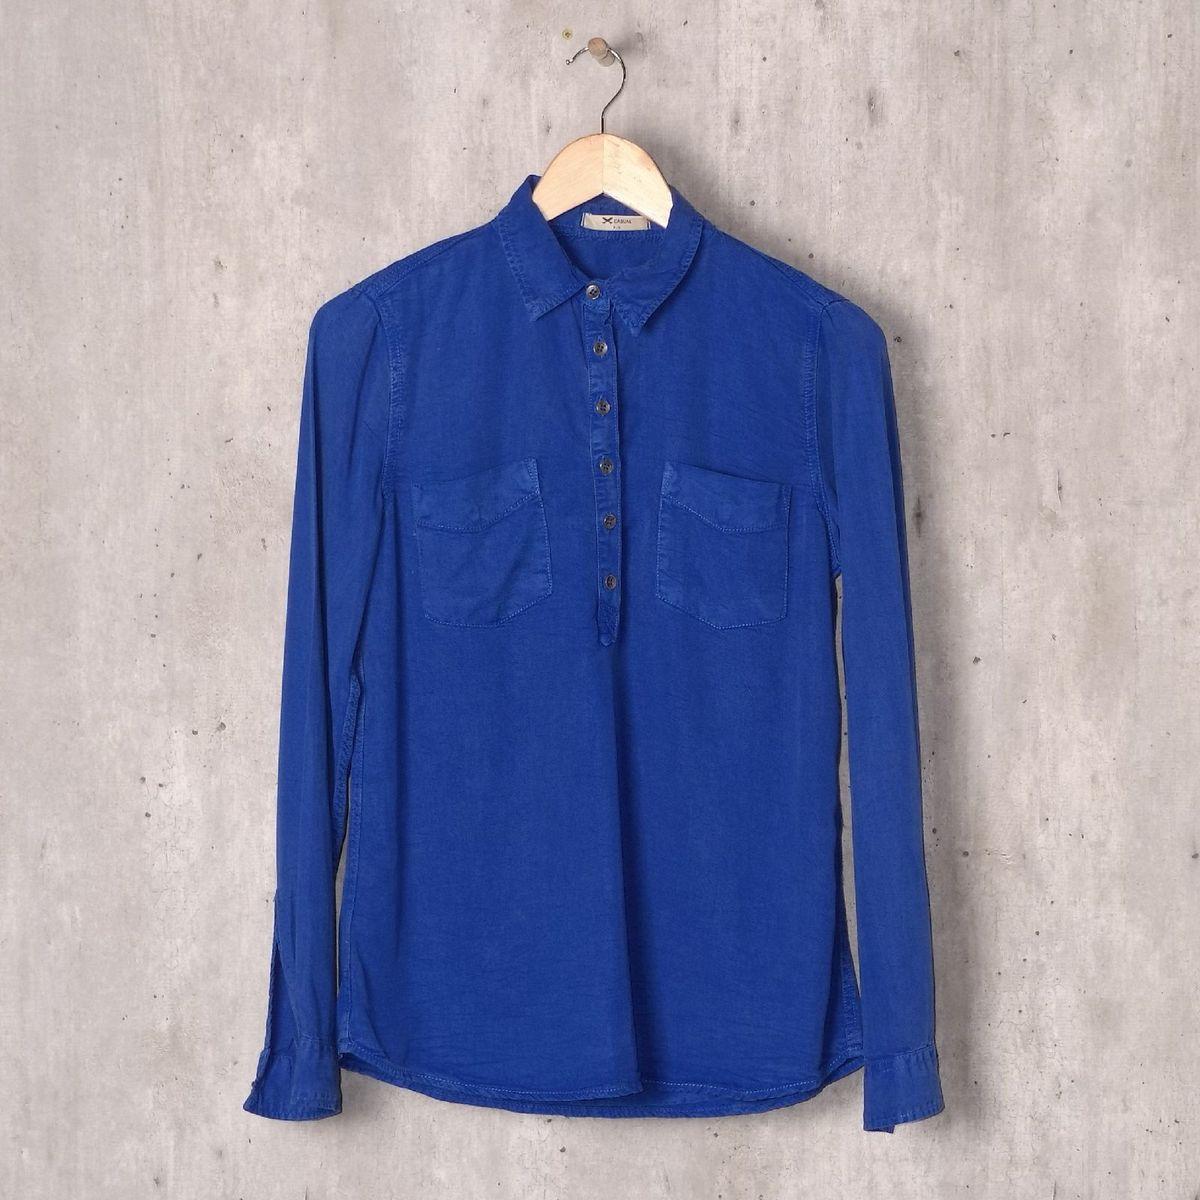 blusa azul royal liocel - blusas hering